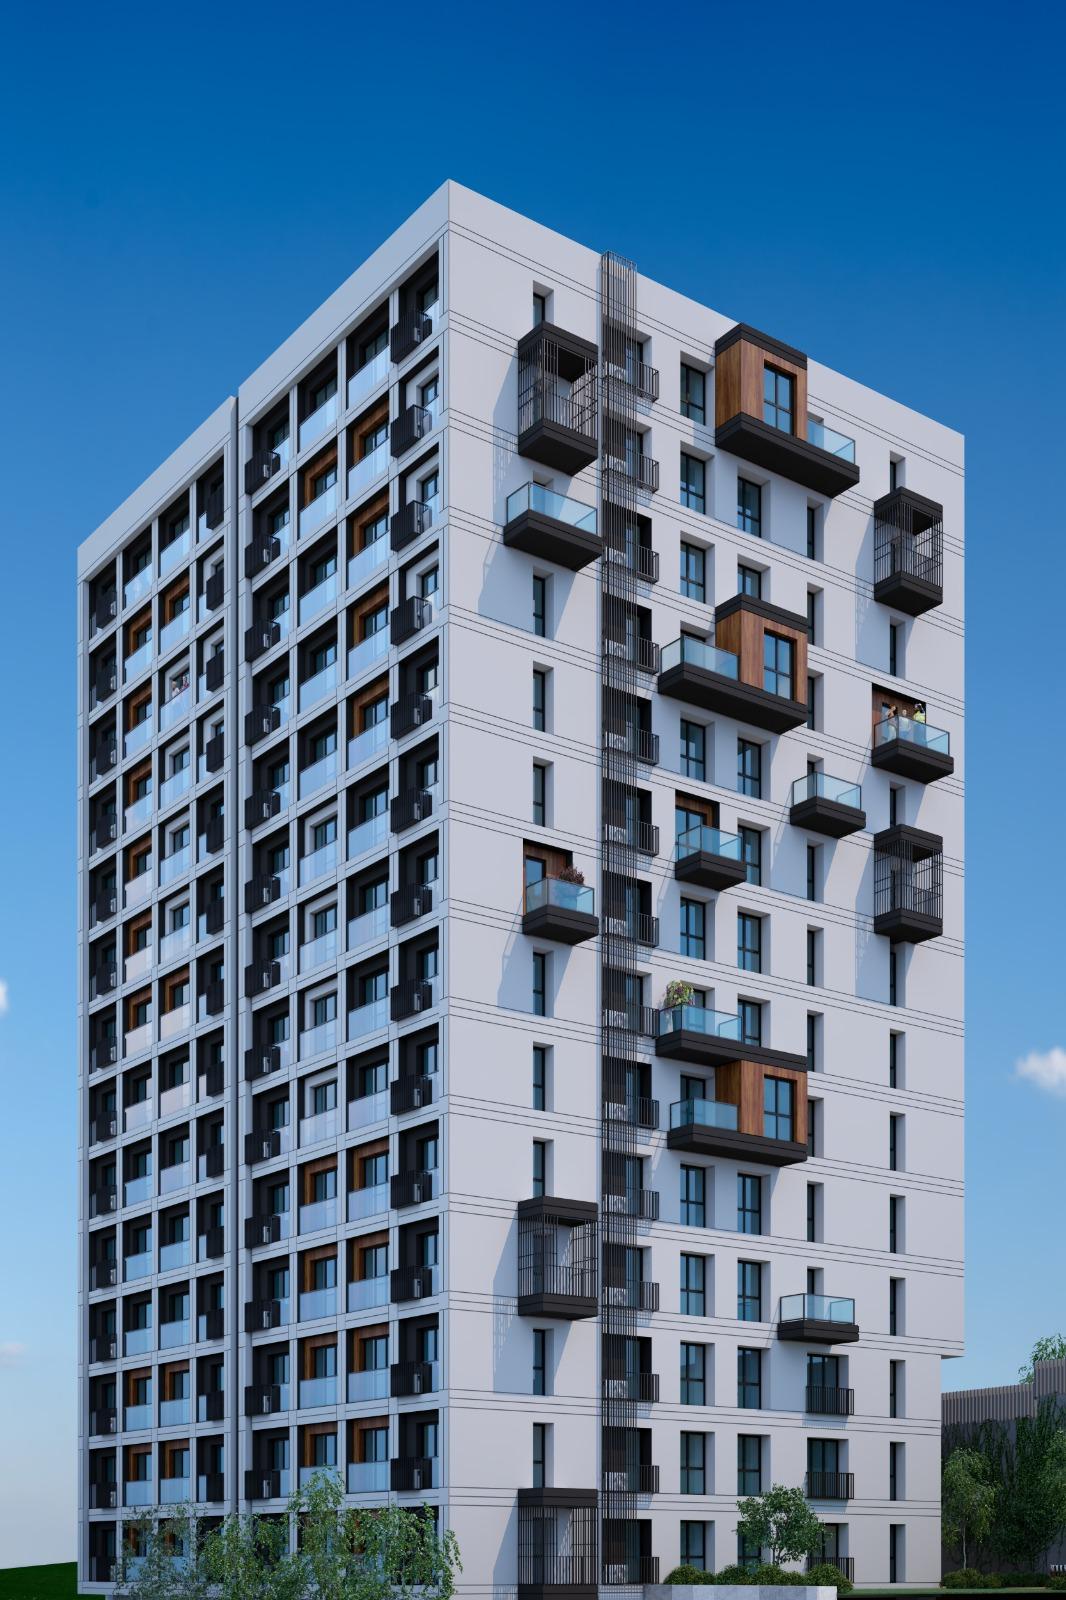 Апартаменты в строящемся комплексе - Фото 8